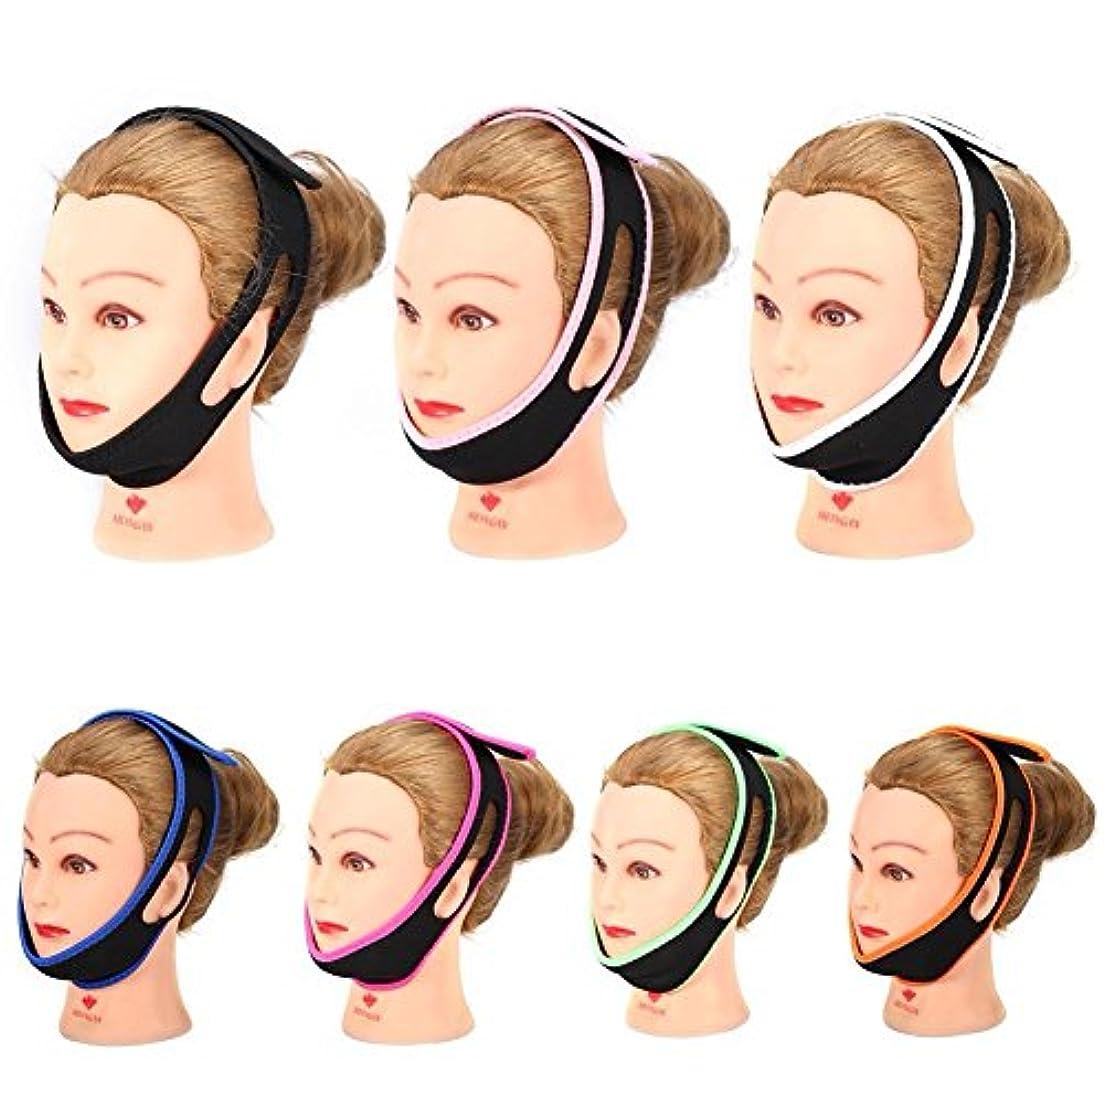 あごストラップベルト繊細なフェイスリフト7色あごサポートストラップスリムマッサージャー睡眠防止いびきヘッドバンドサポート,White